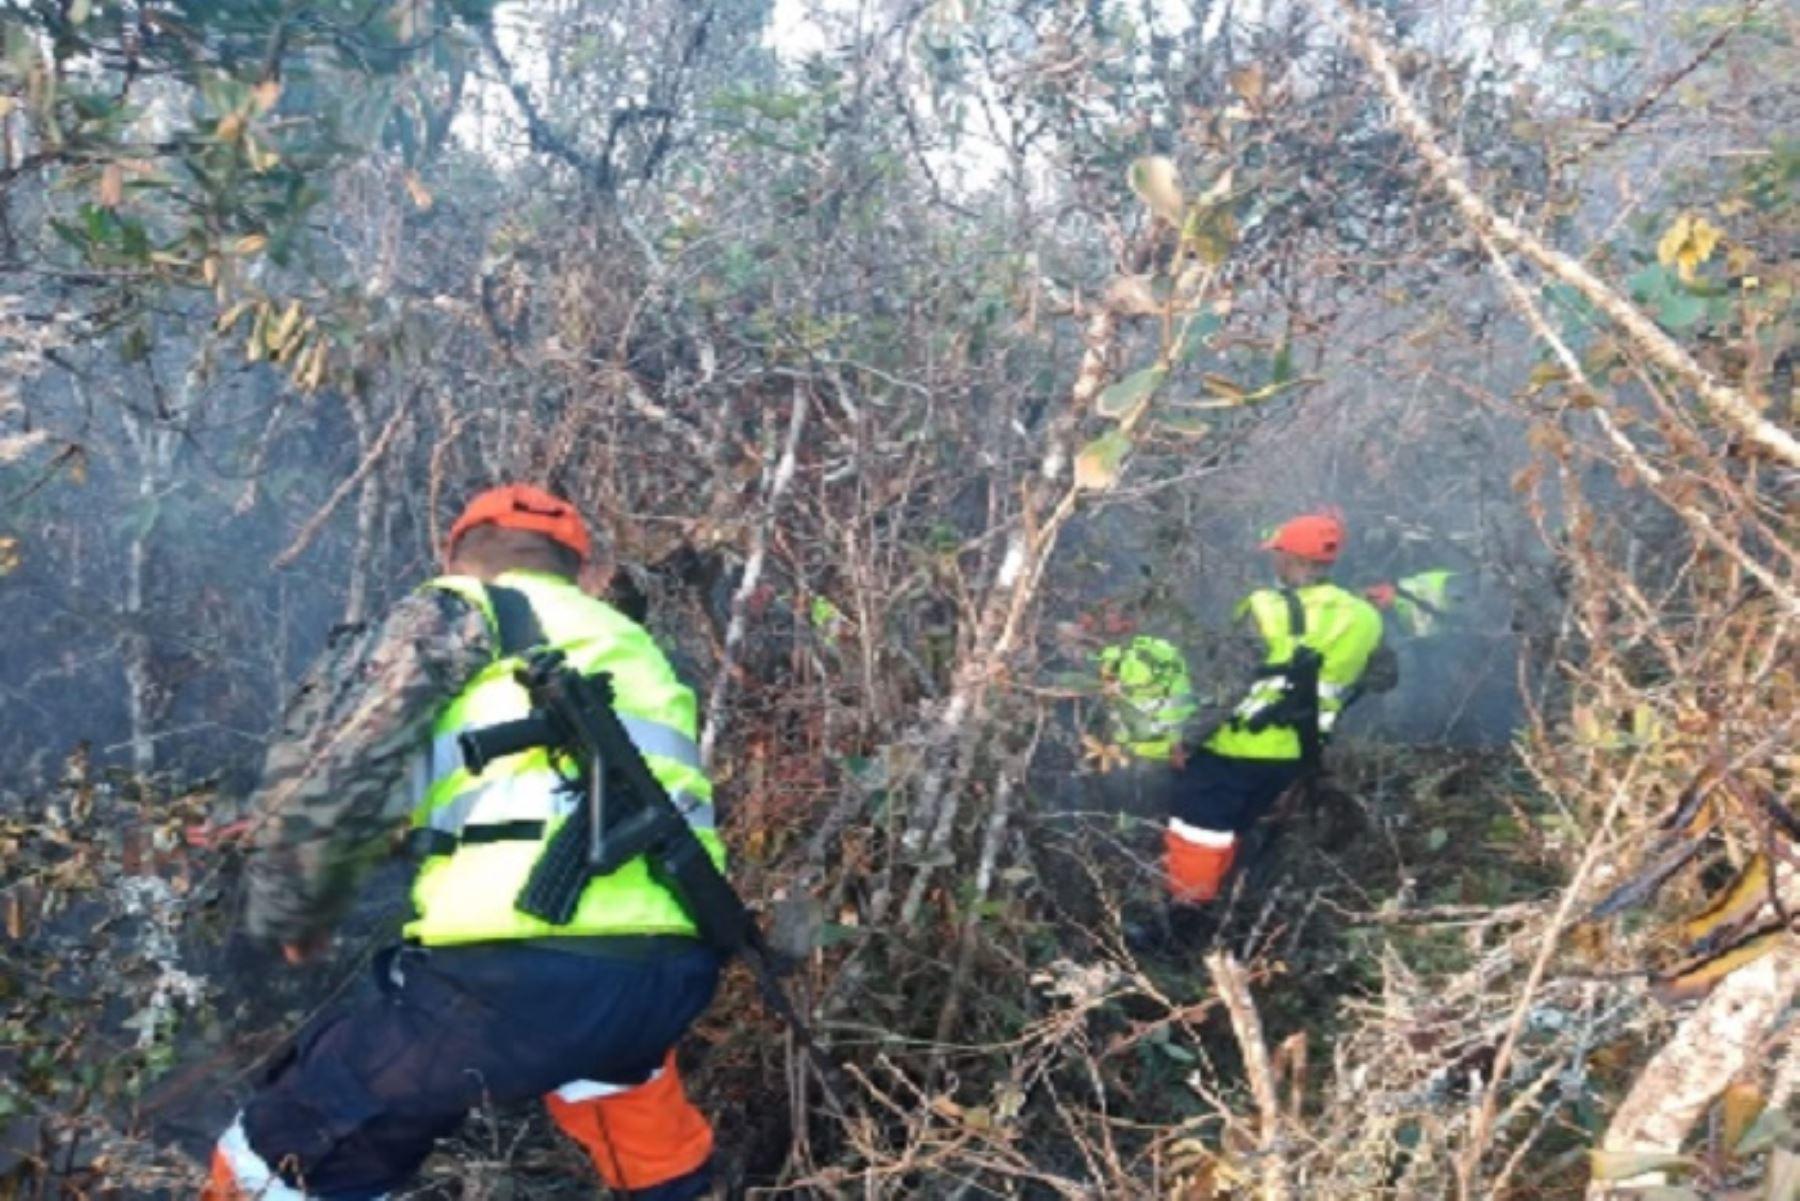 Personal del Ejército trabaja desde la madrugada en las labores de extinción del incendio forestal que anoche se reavivó cerca de la zona arqueológica de Kuélap, en el distrito de Tingo, provincia de Luya, región Amazonas, informó dicha institución al Centro de Operaciones de Emergencia Nacional (COEN) del Ministerio de Defensa.